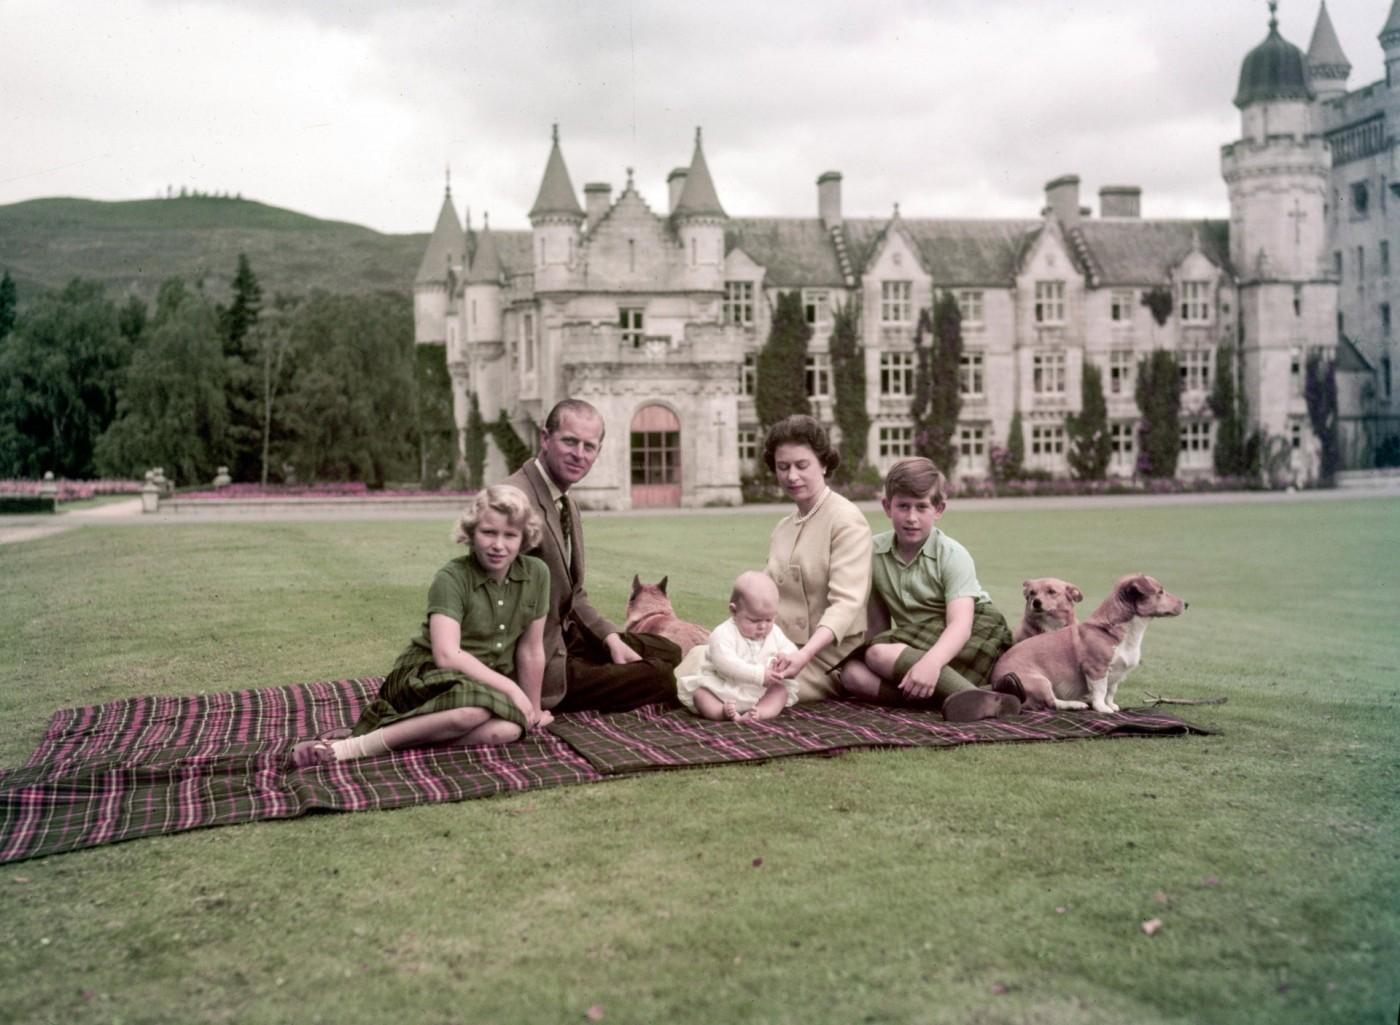 Queen-Elizabeth-at-the-Balmoral-Castle-1920x1406